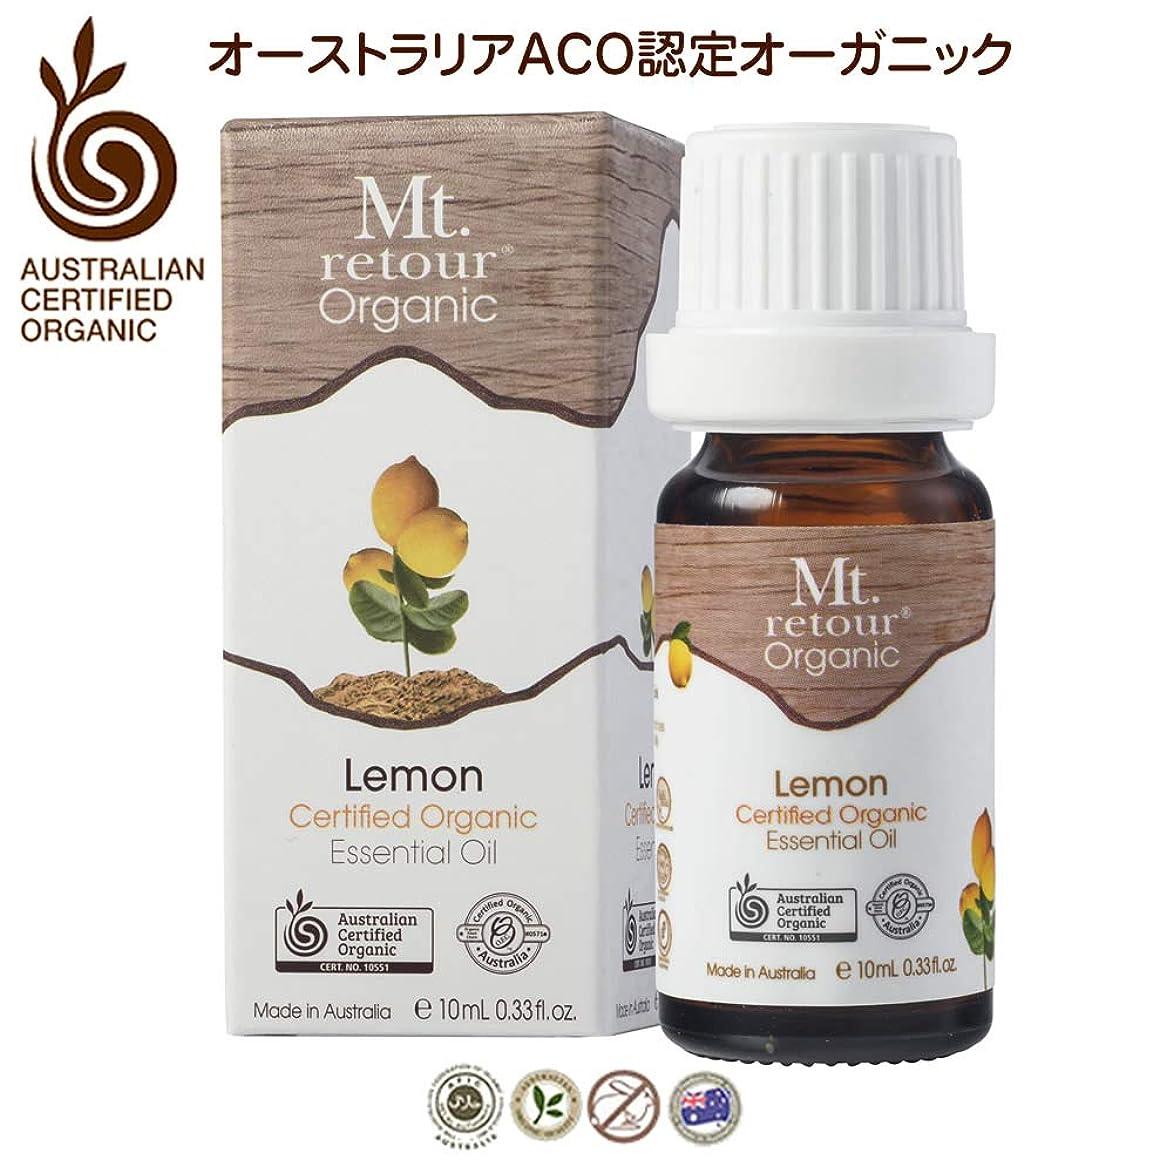 チャールズキージング高度なエレクトロニックMt. retour ACO認定オーガニック レモン 10ml エッセンシャルオイル(無農薬有機栽培)アロマ